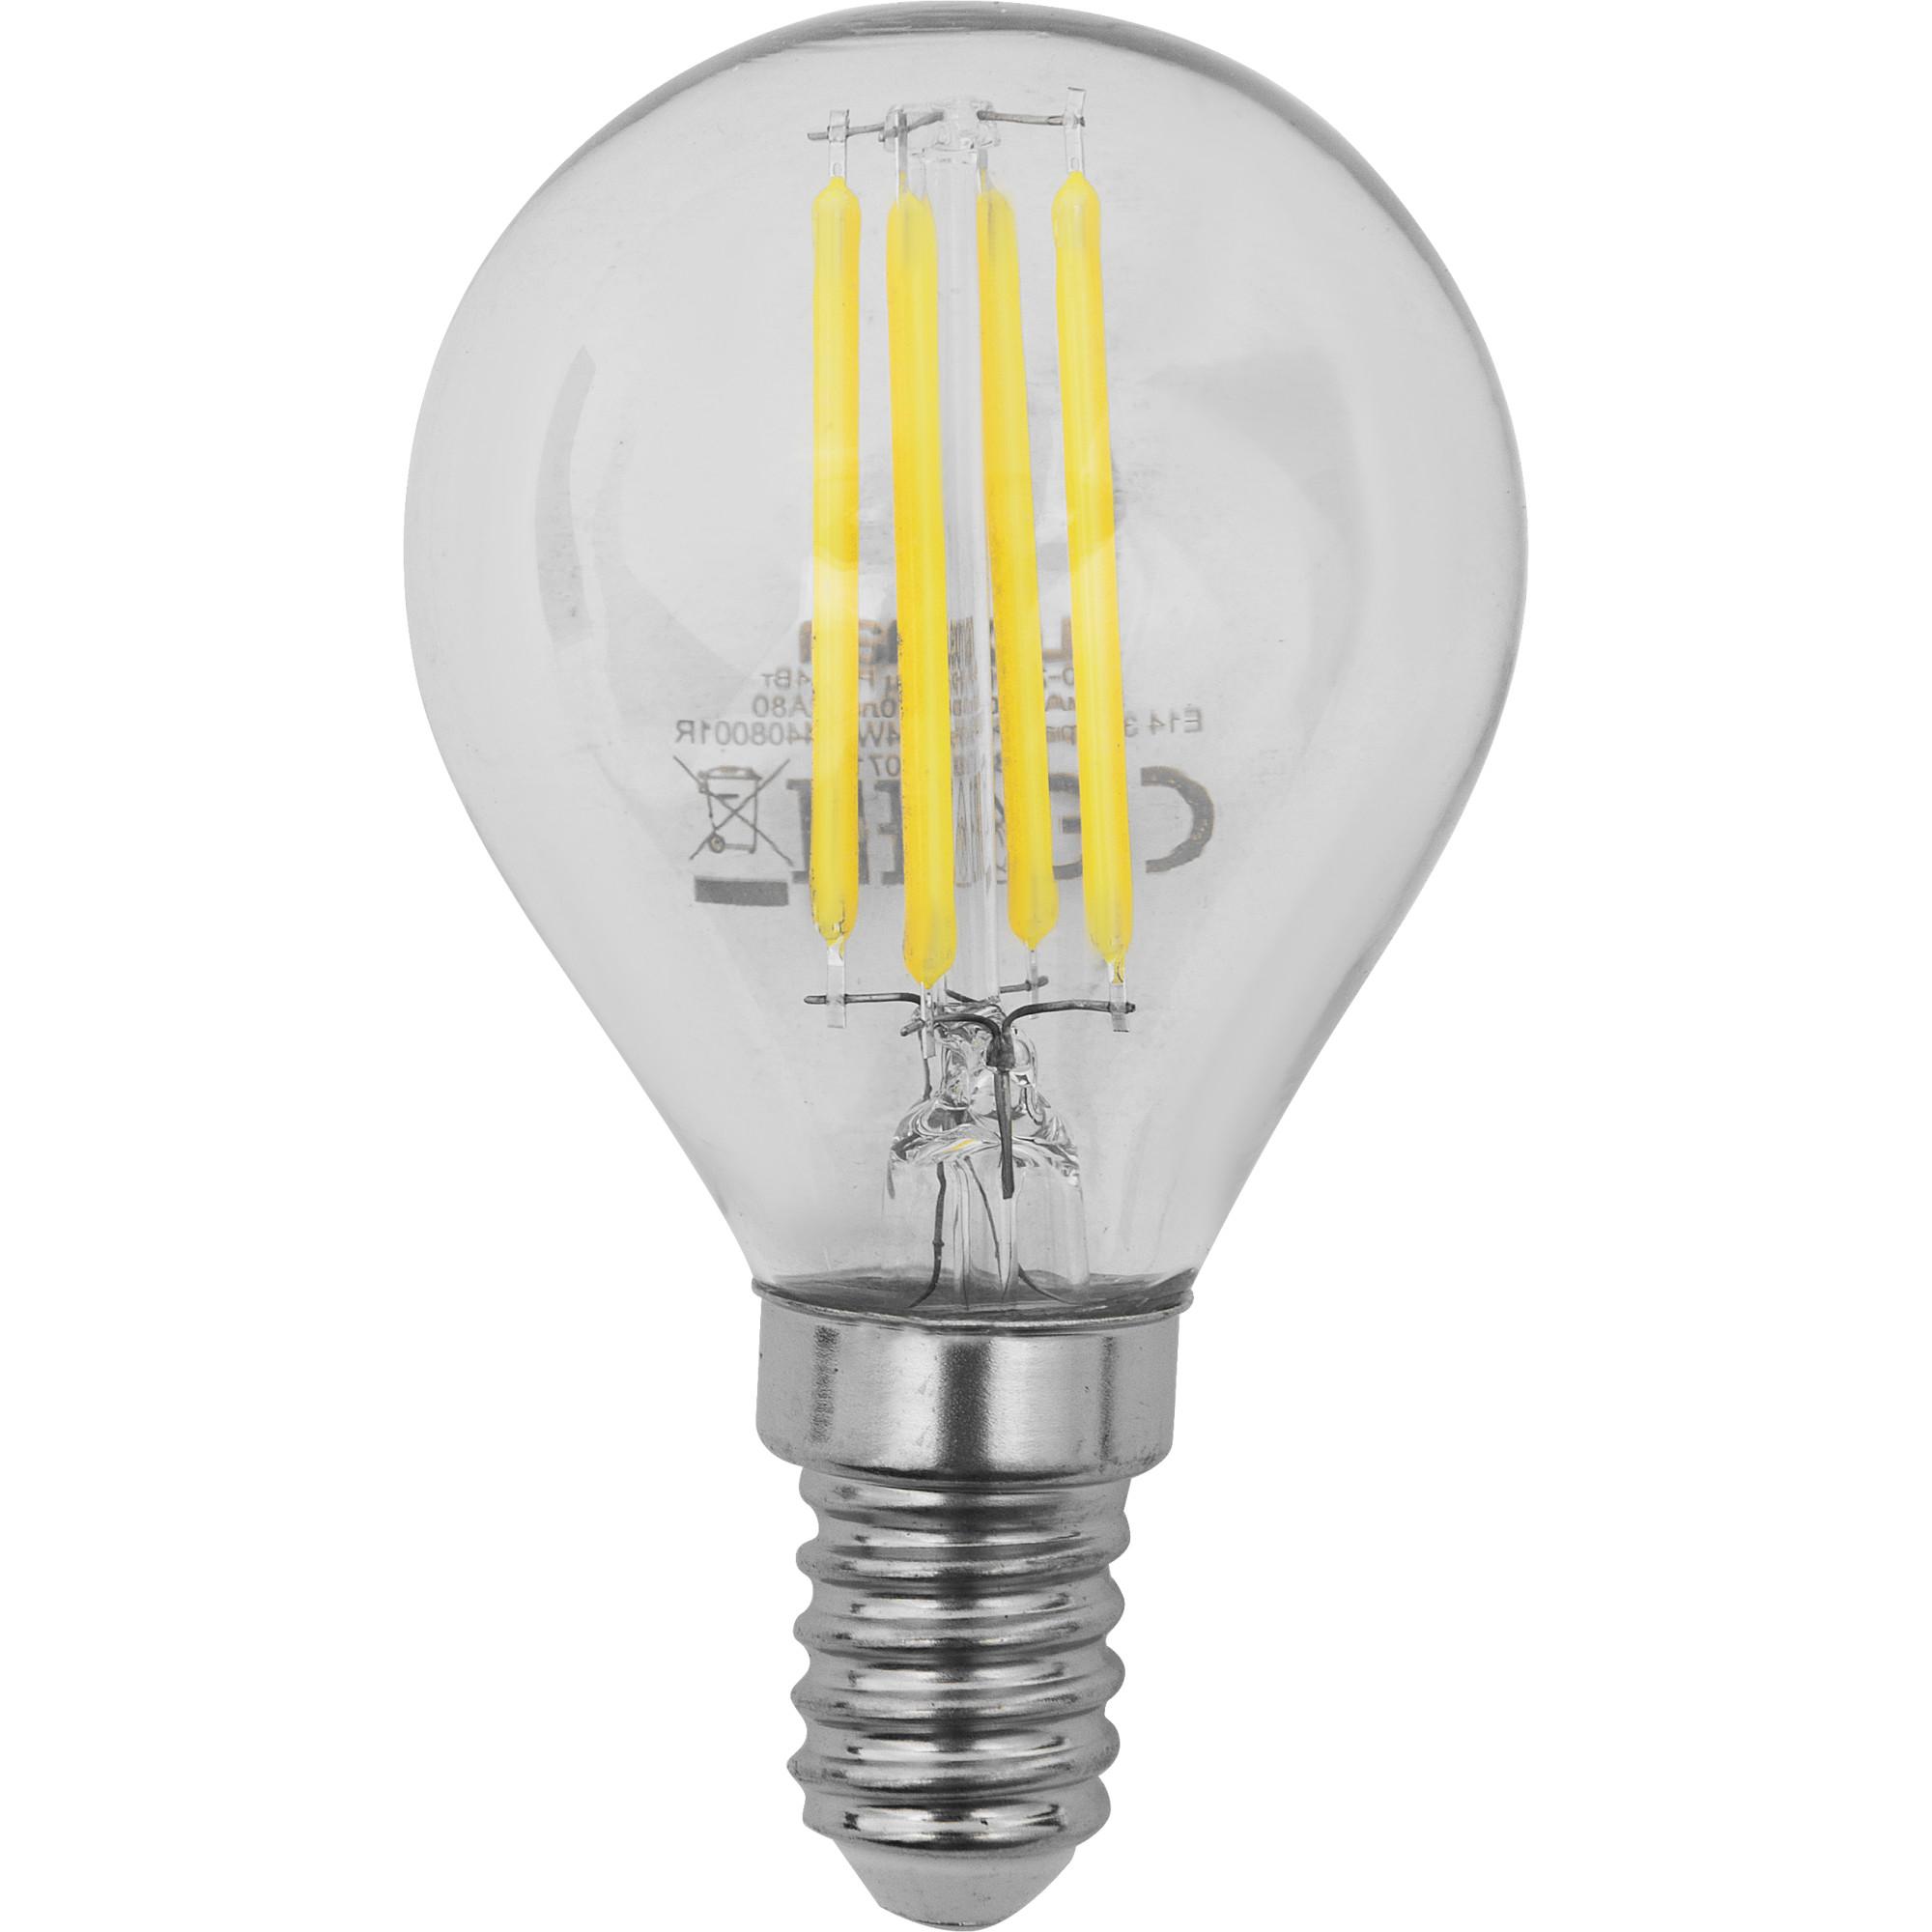 Лампа светодиодная Lexman E14 45 Вт 470 Лм 4000 K нейтральный белый свет прозрачная колба